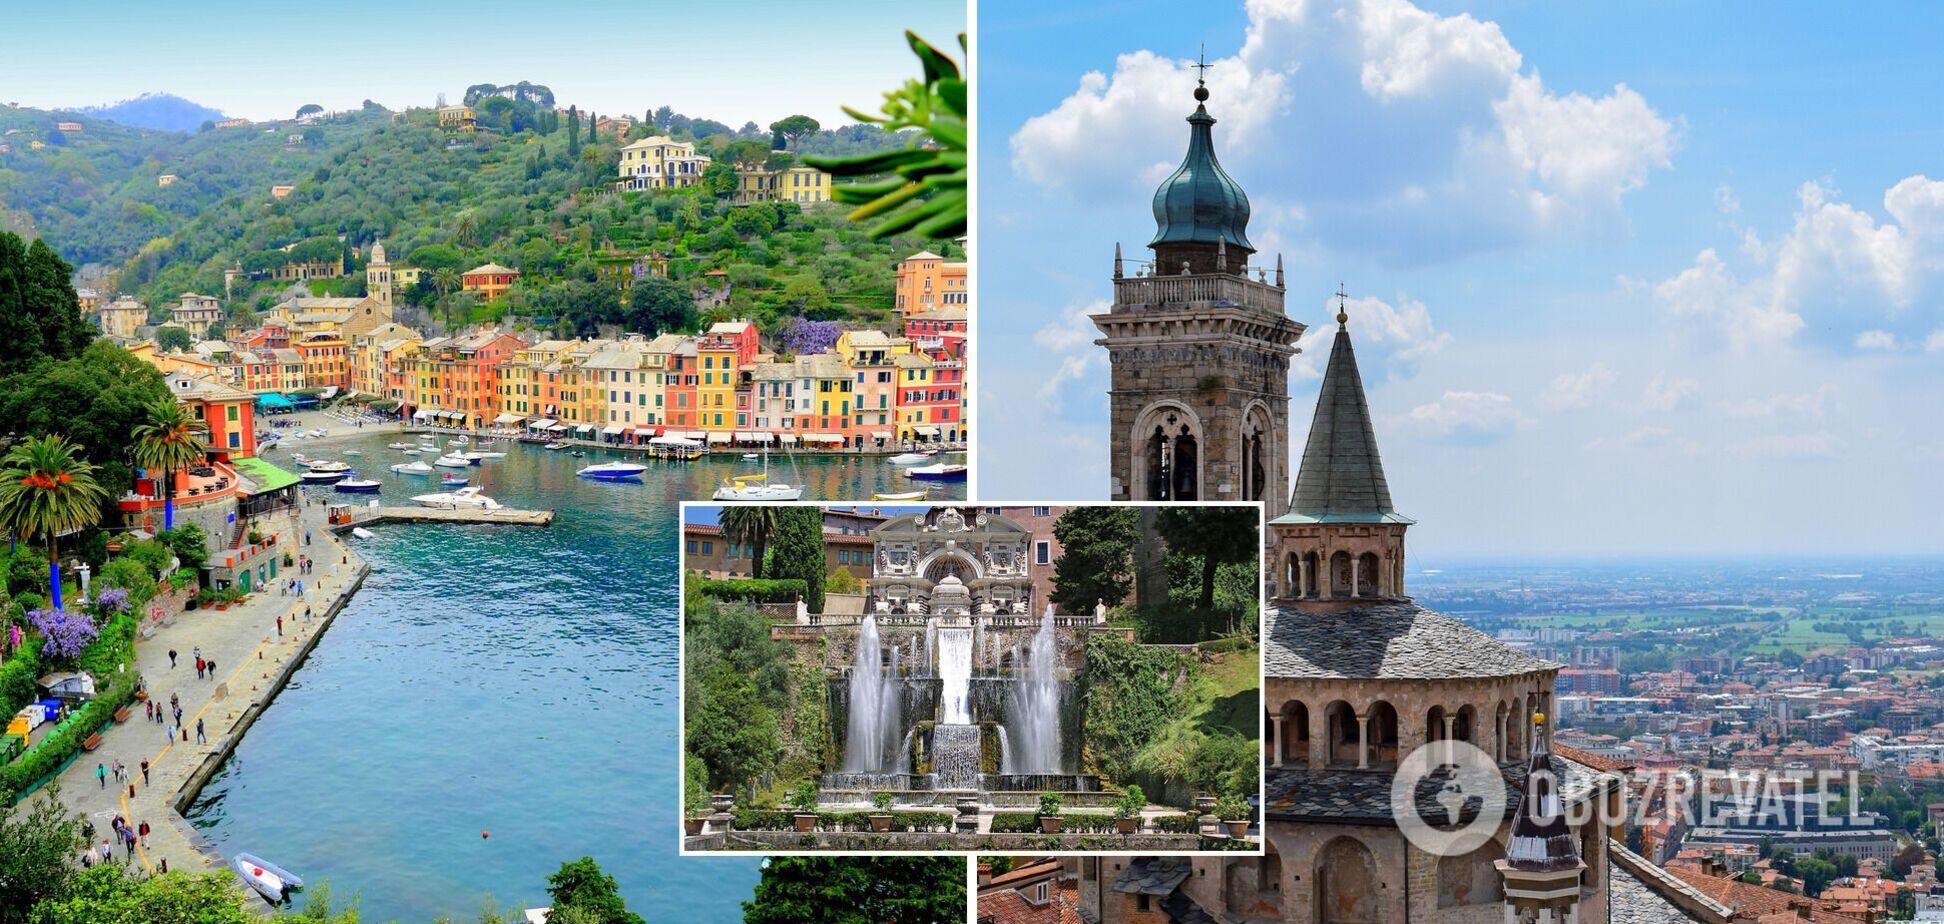 Топ-5 'непопсовых' городов Италии, которые однозначно понравятся туристам